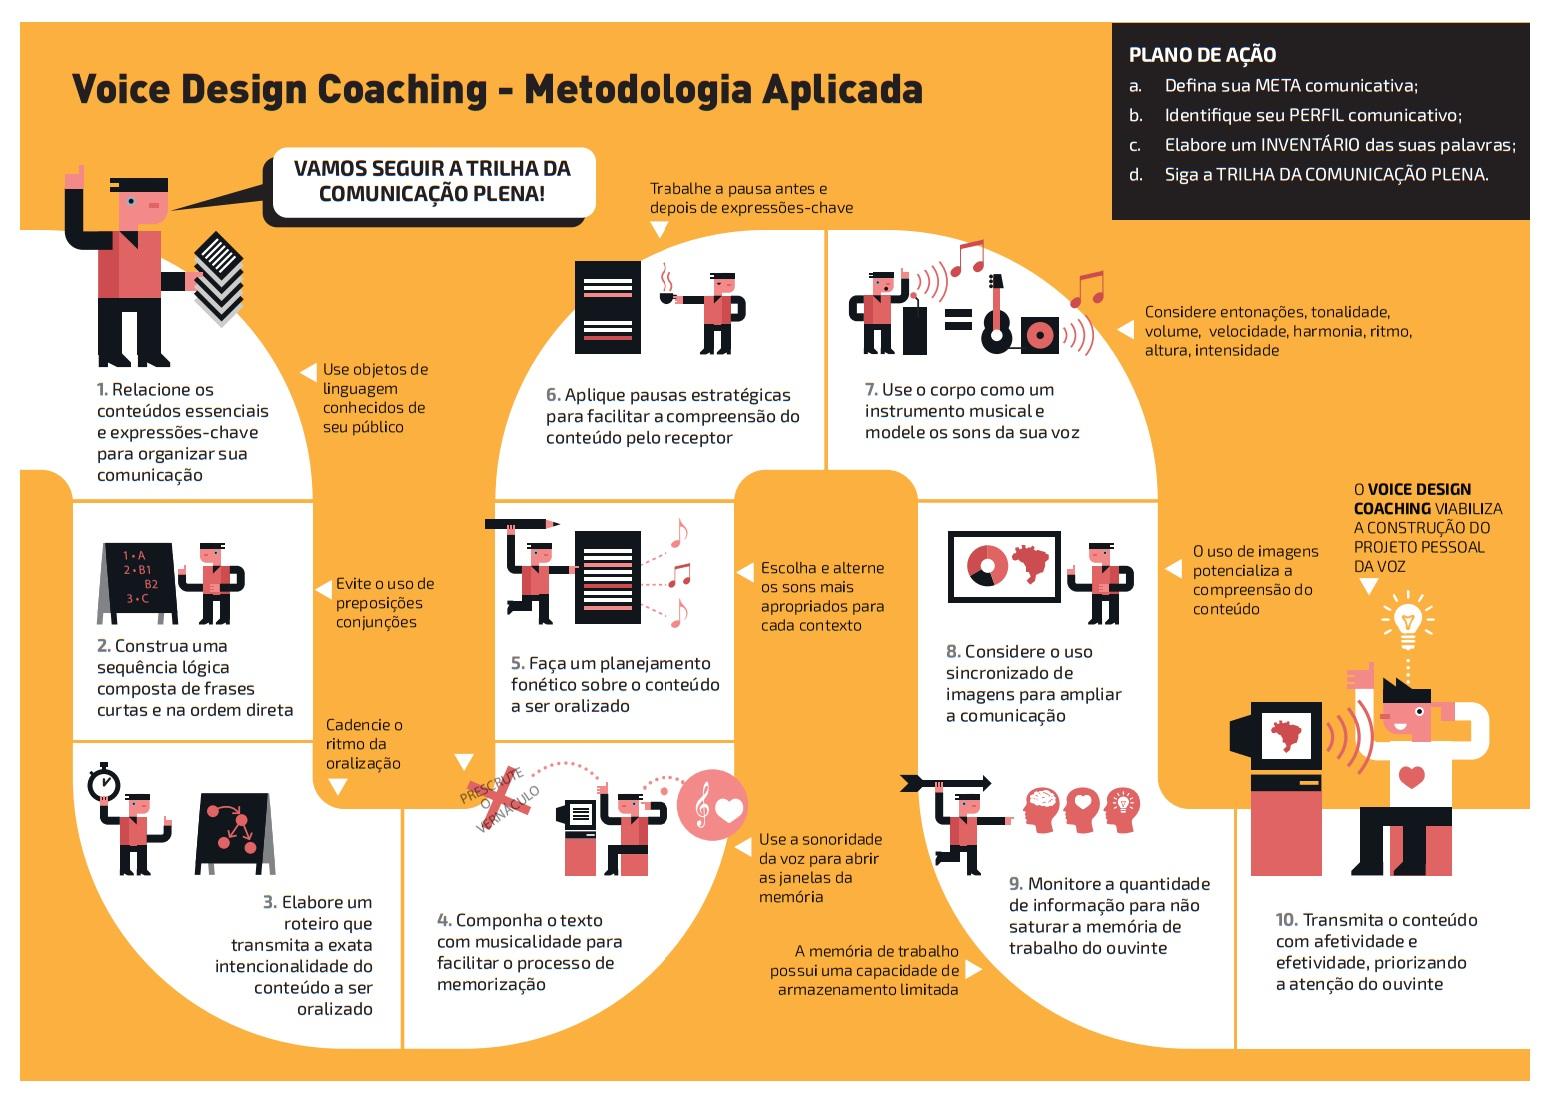 vdc_metodologia